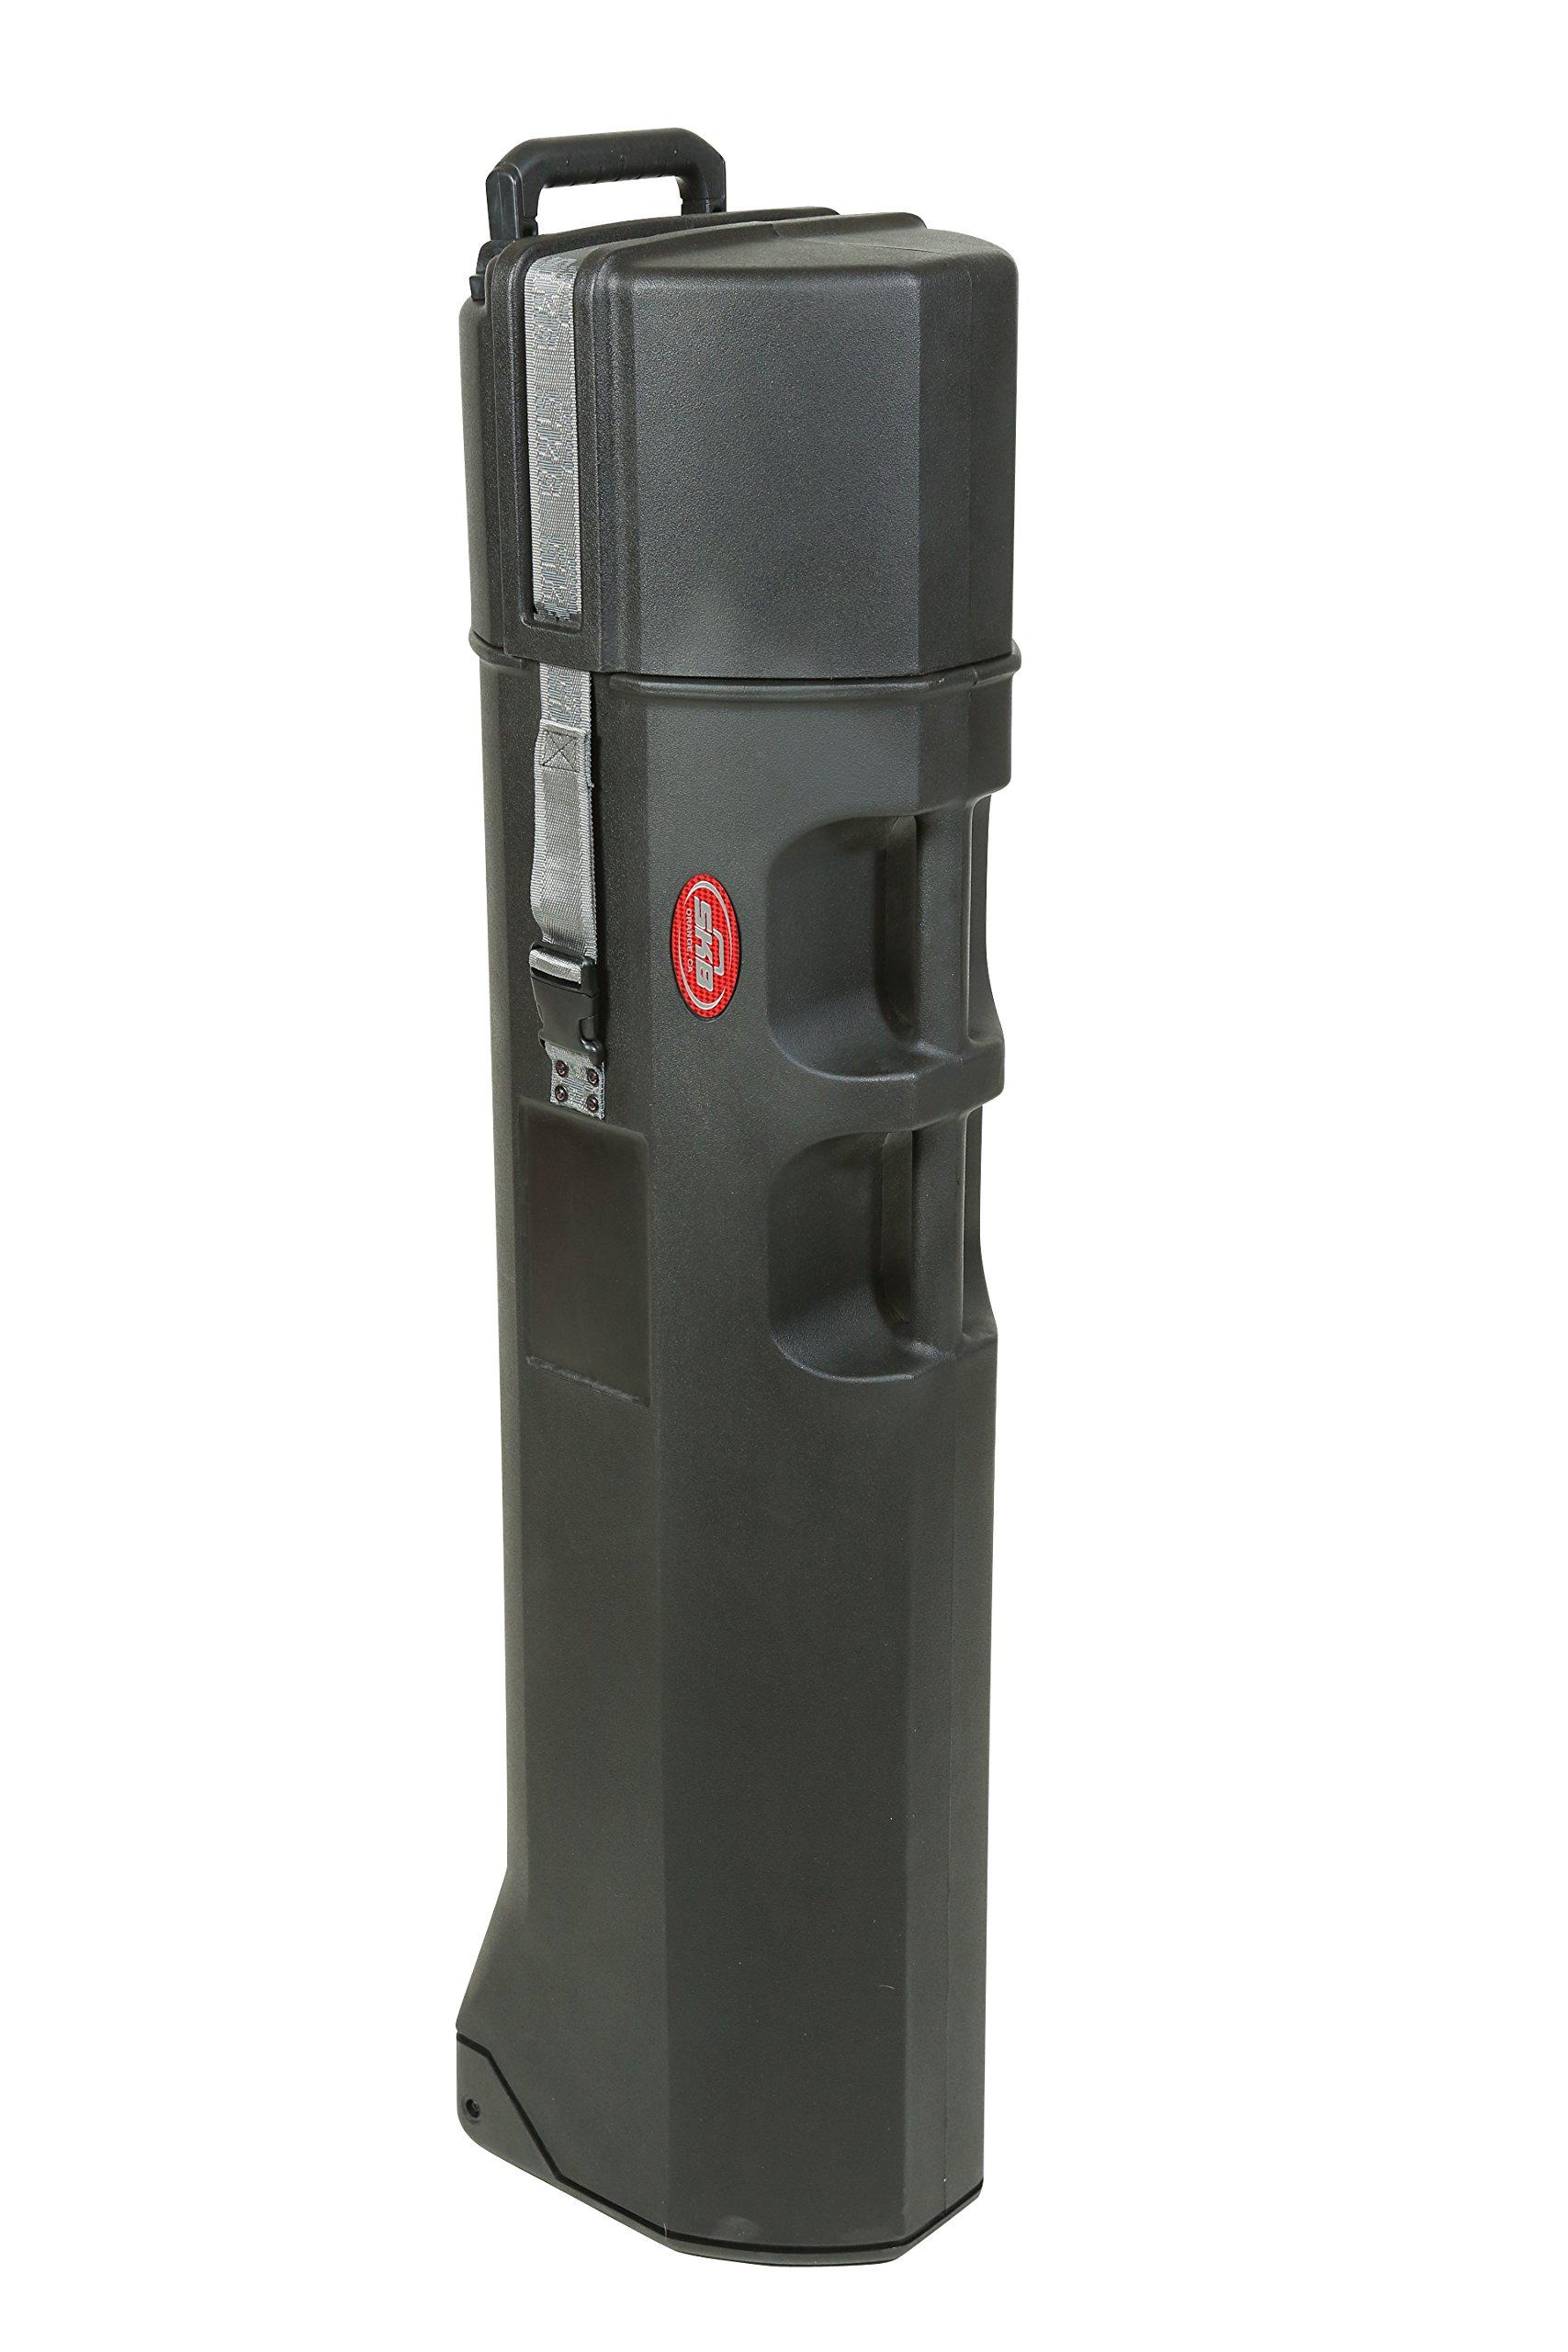 SKB 1SKB-R4209W RotoMold Tripod Case with Wheels by SKB (Image #1)